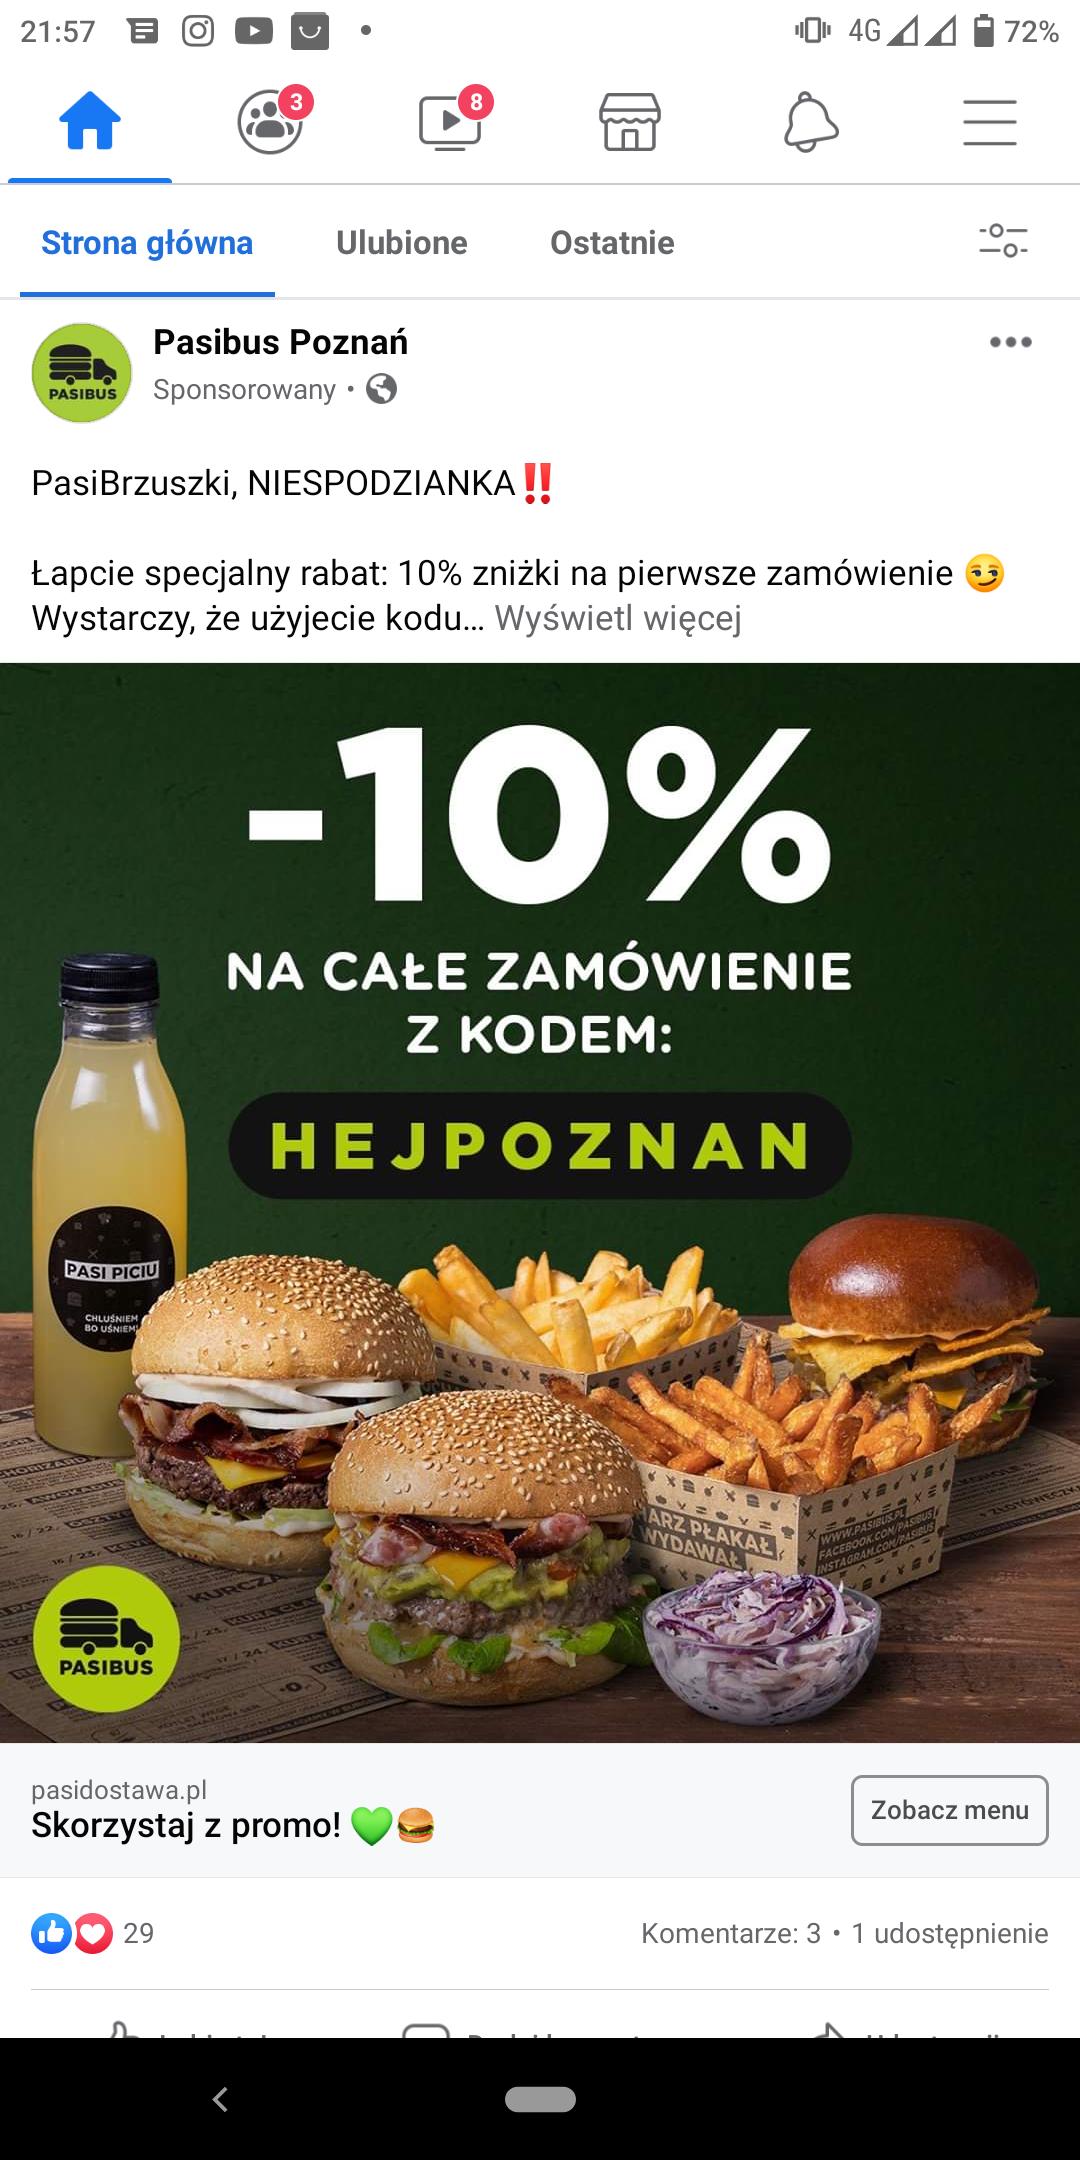 Pasibus Poznań - 10% na pierwsze zamówienie